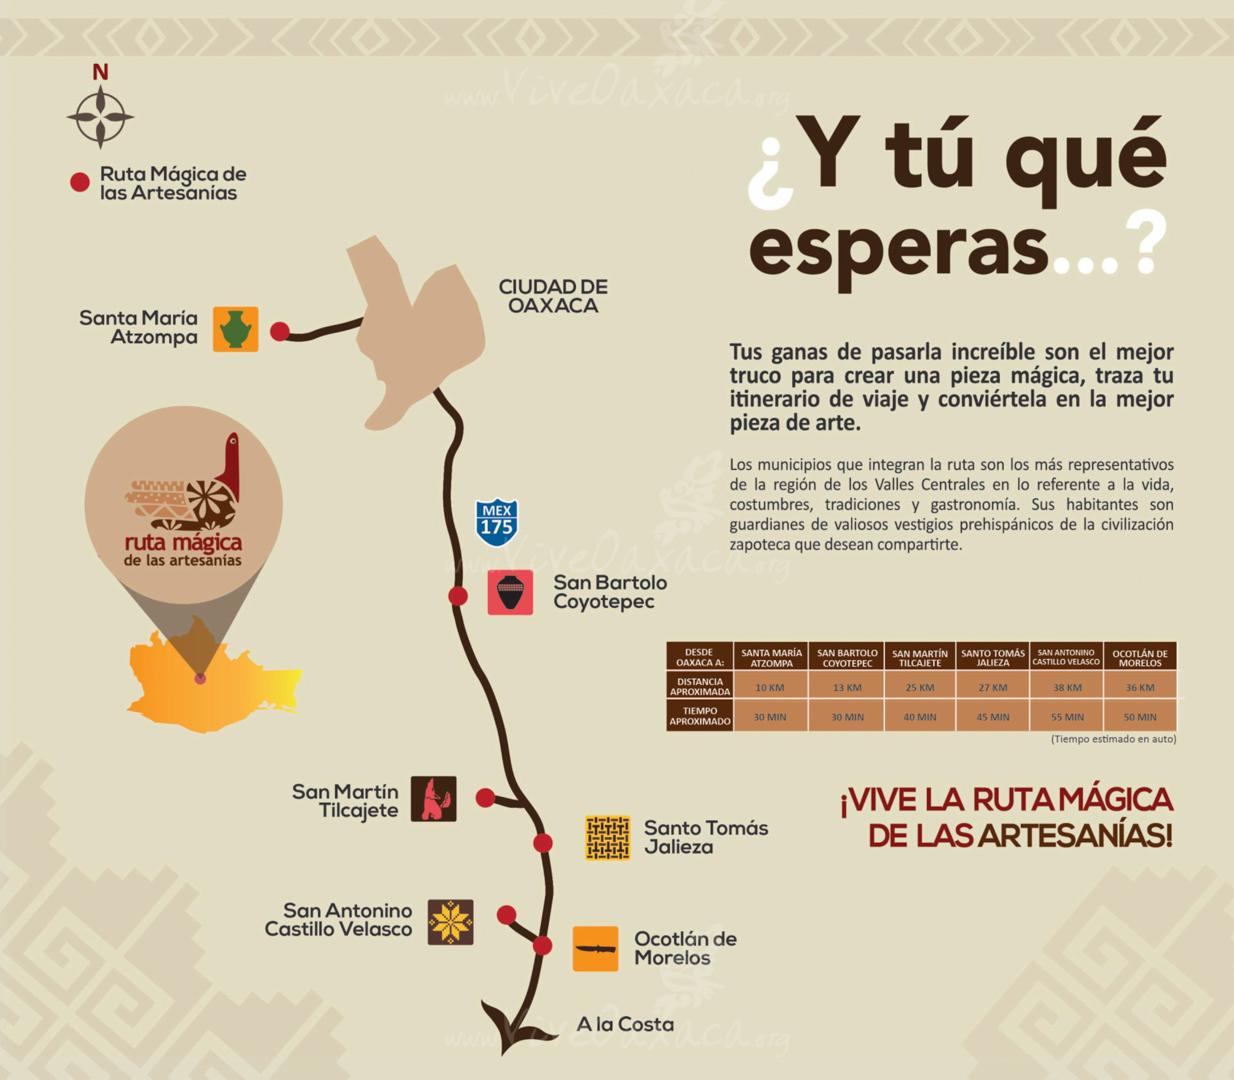 la ruta de las artesanias